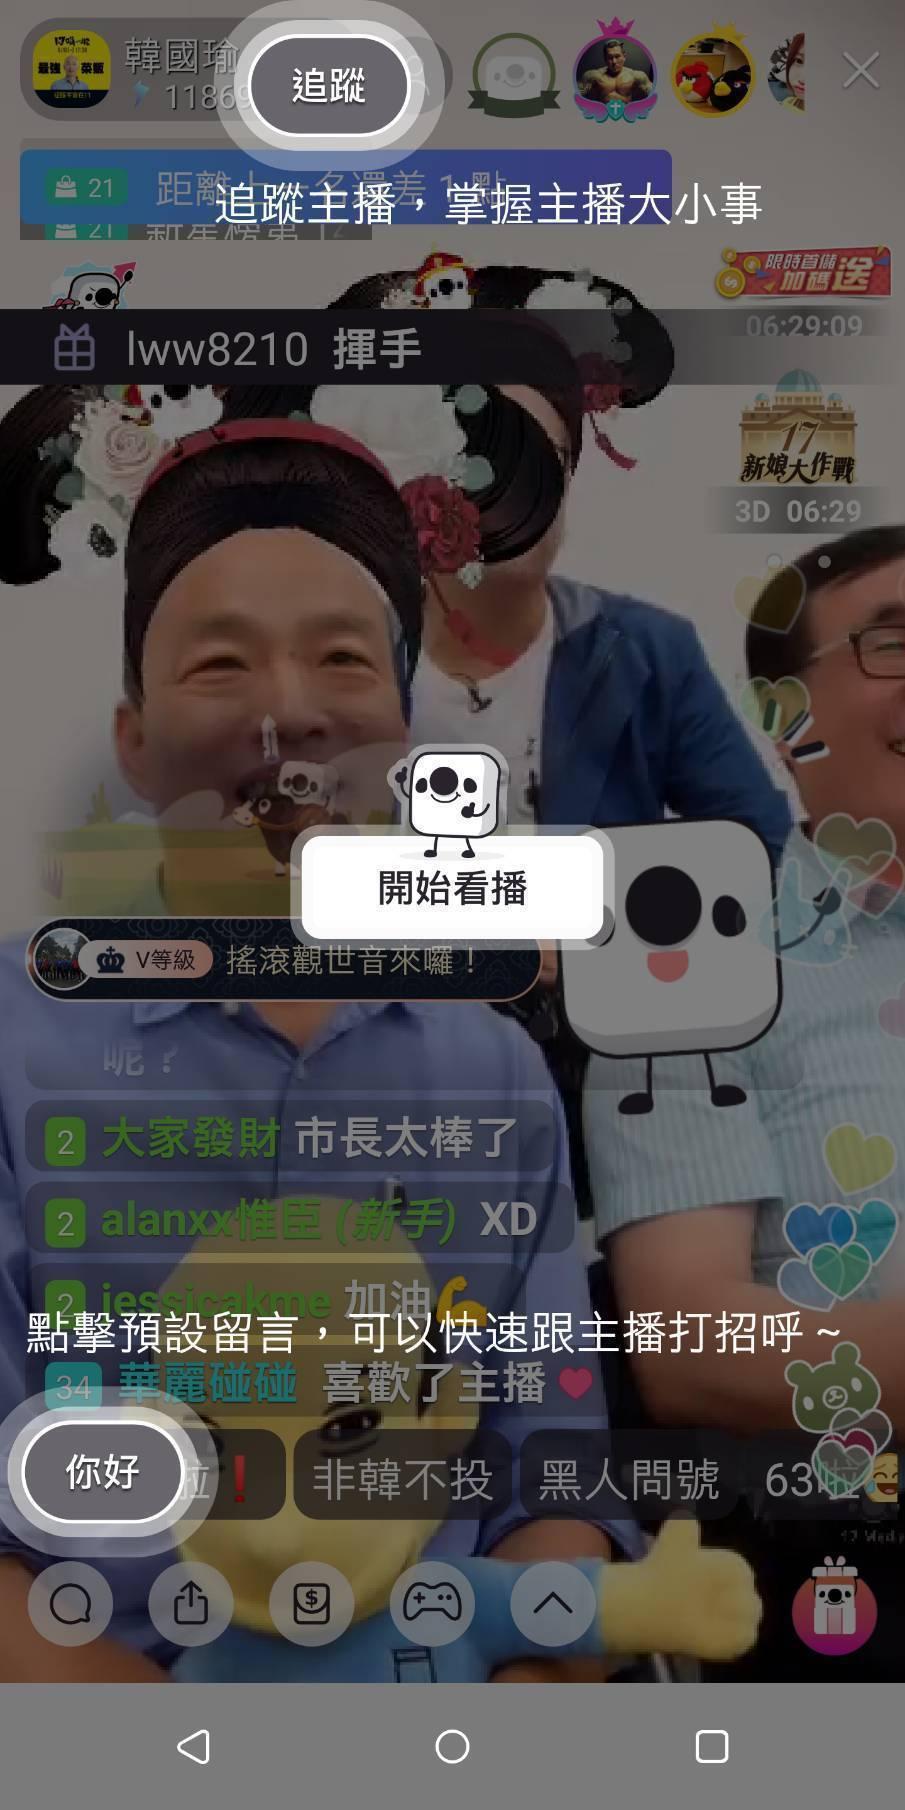 高市長韓國瑜和副市長李四川日前上直播節目談路平。 記者謝梅芬/翻攝